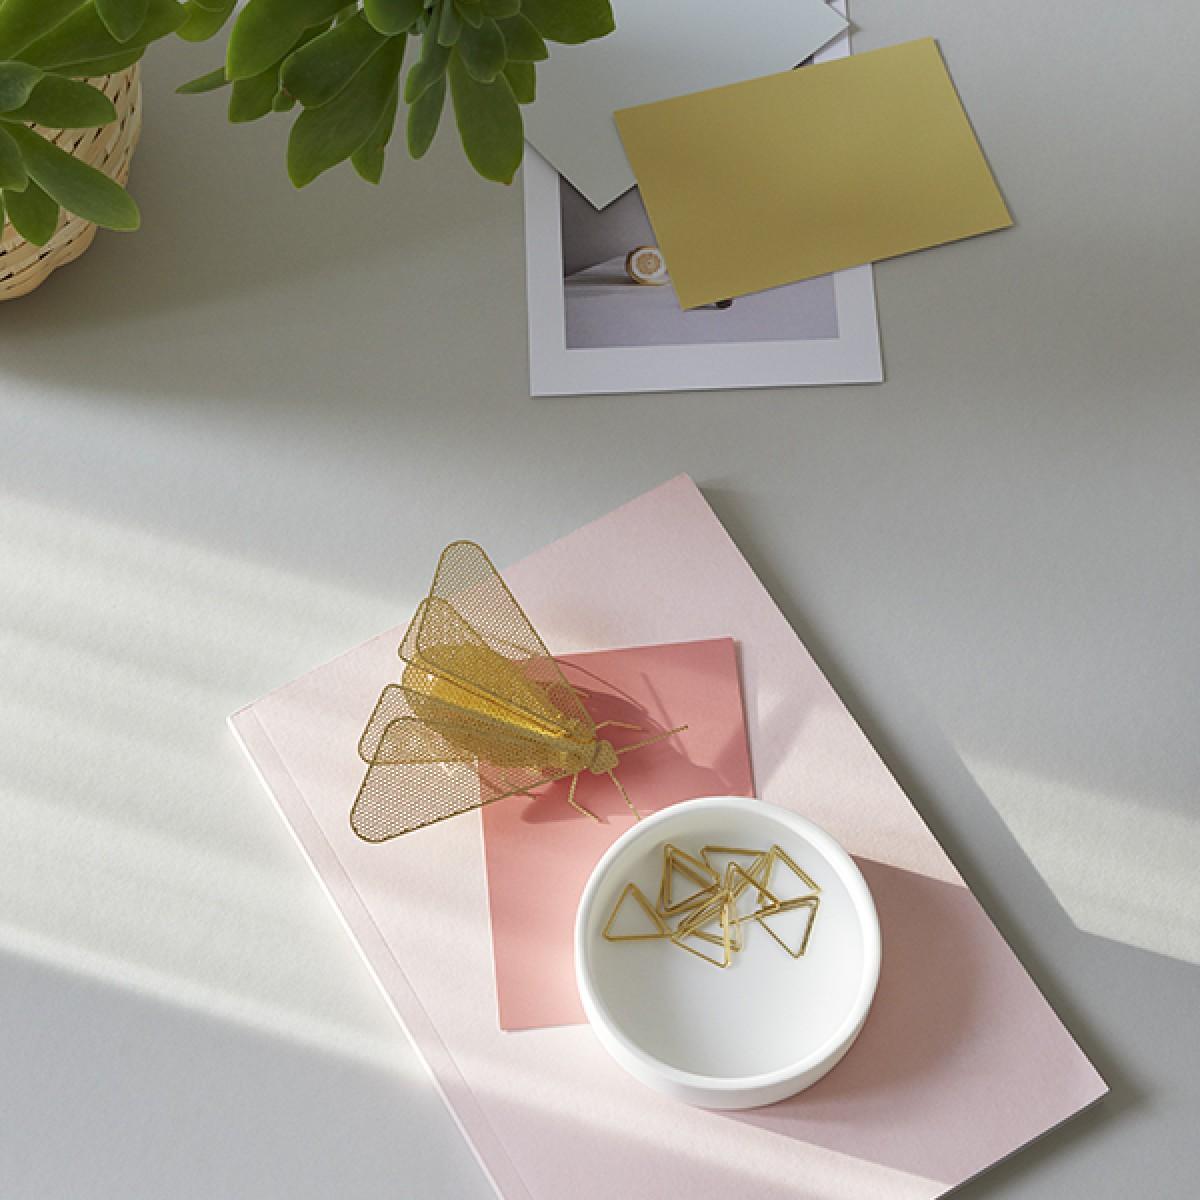 MITBEWOHNER Motte